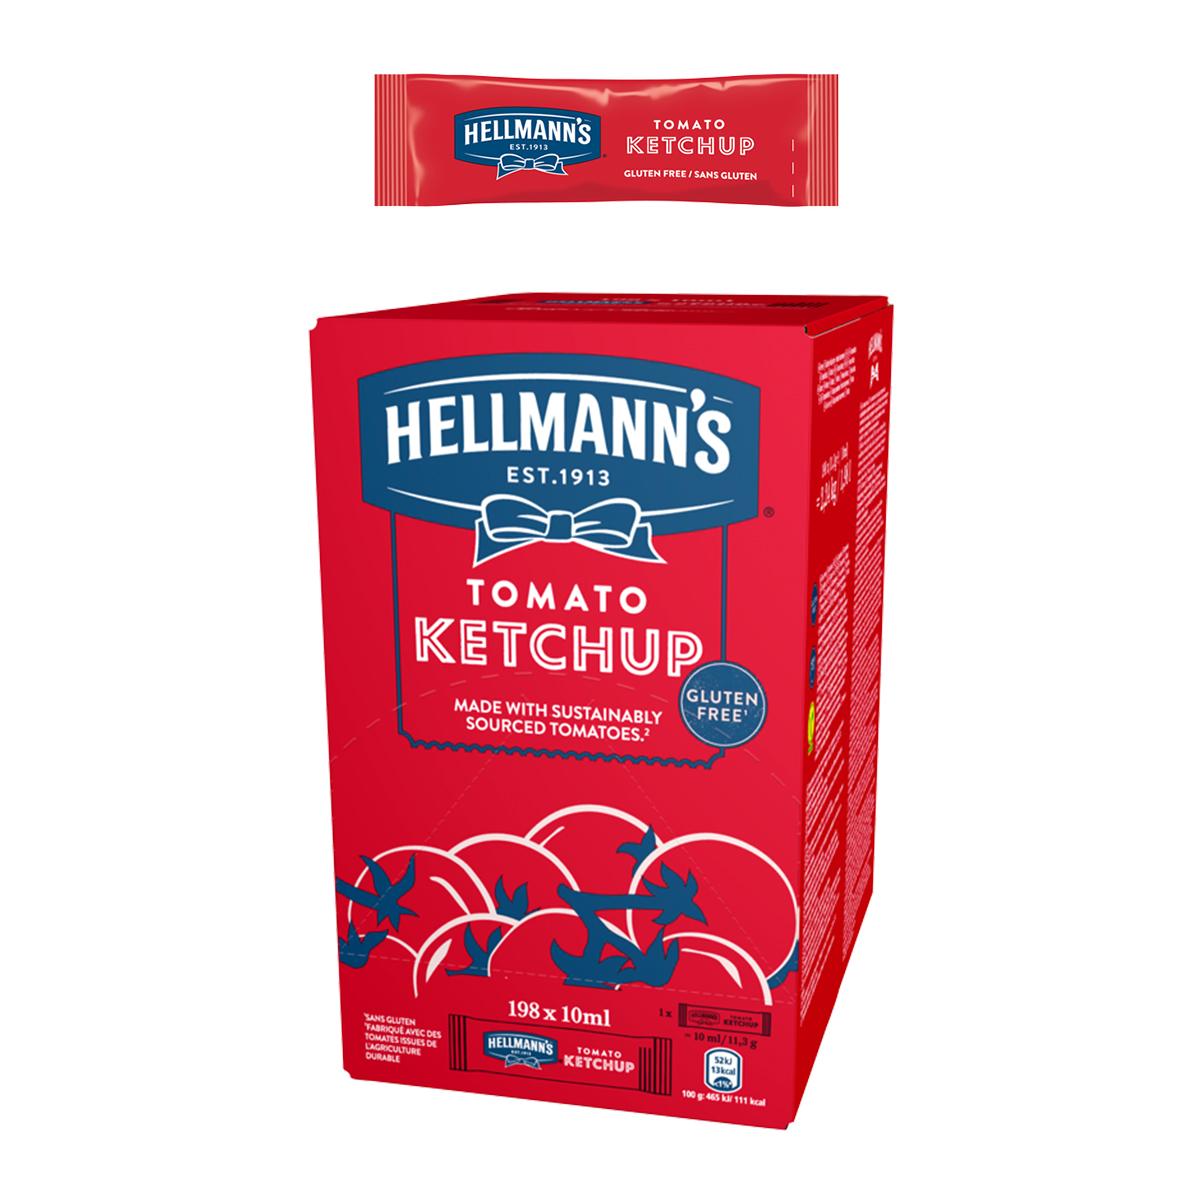 Hellmann's Кетчуп доза 10 ml